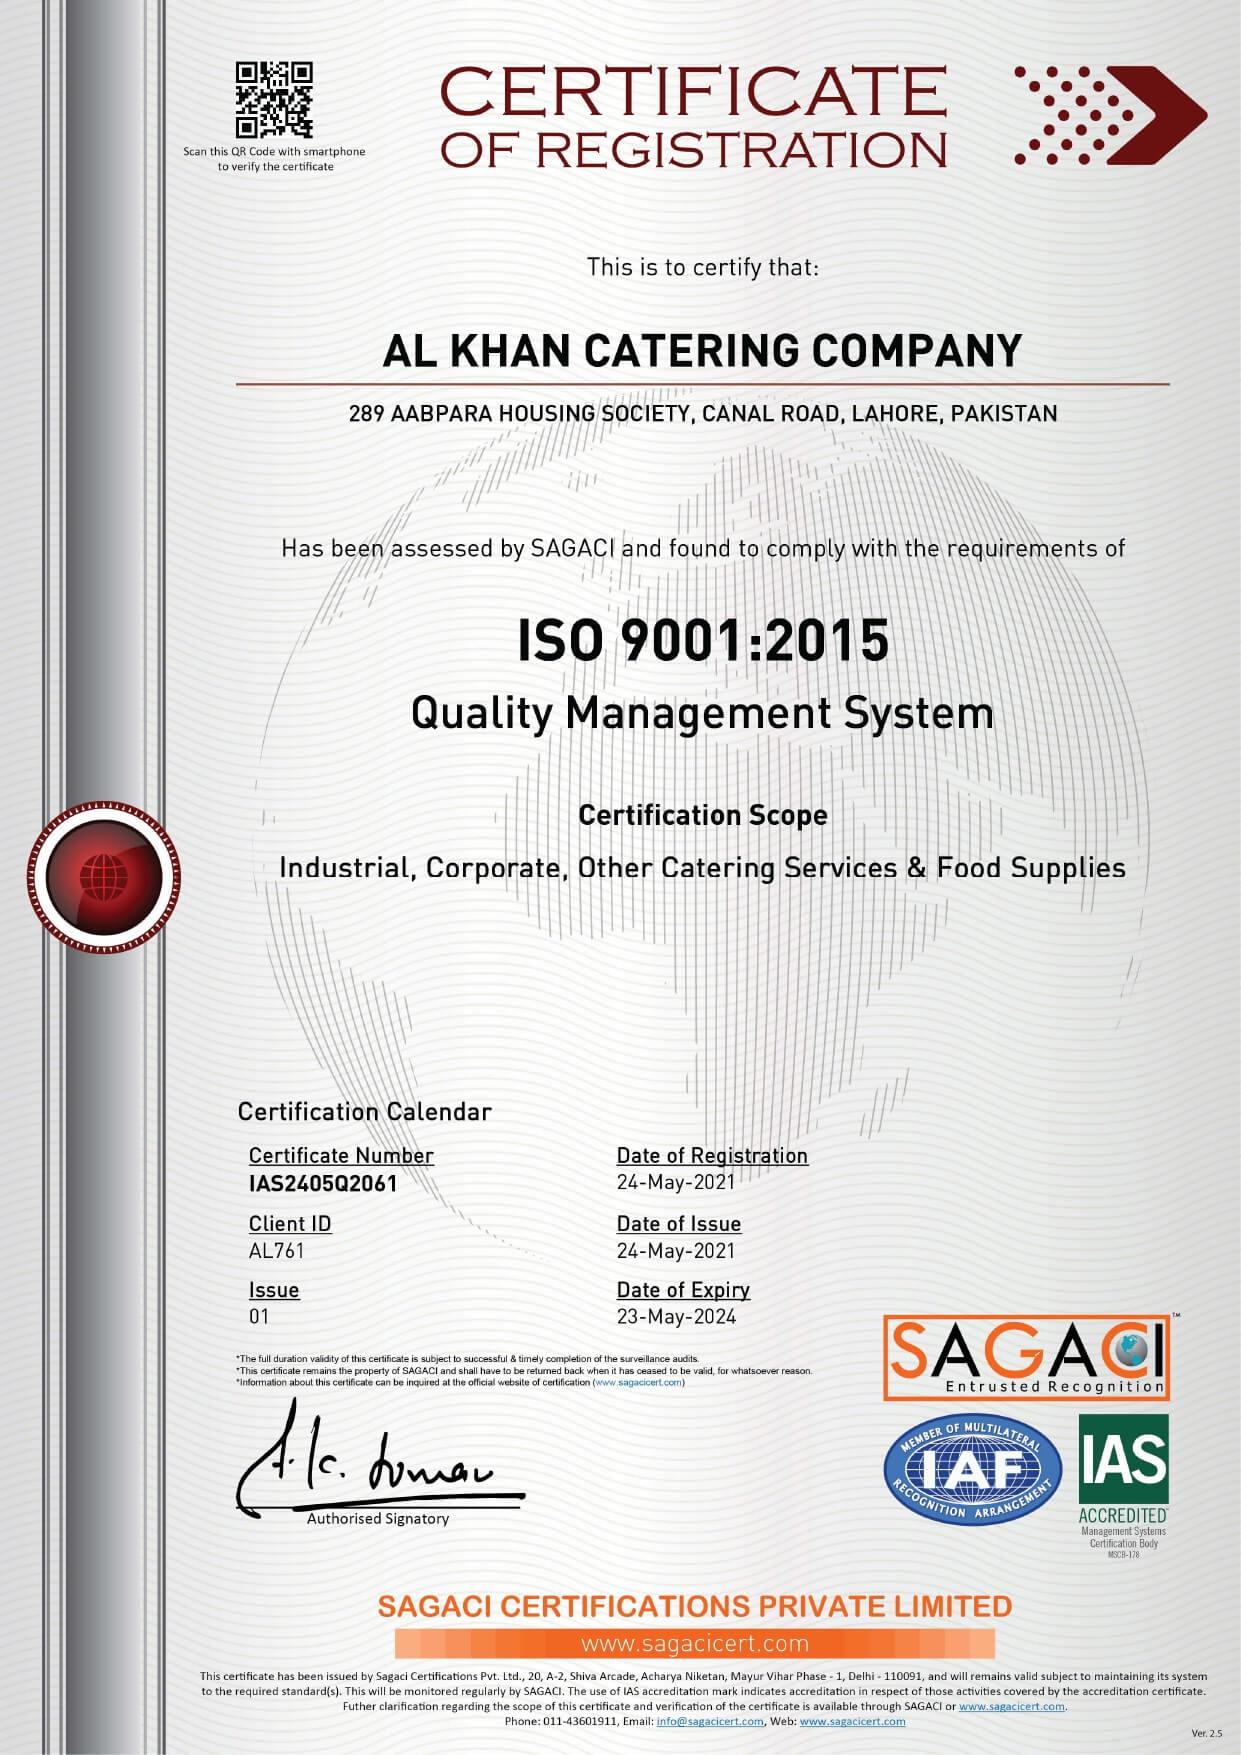 SAGACI Certification